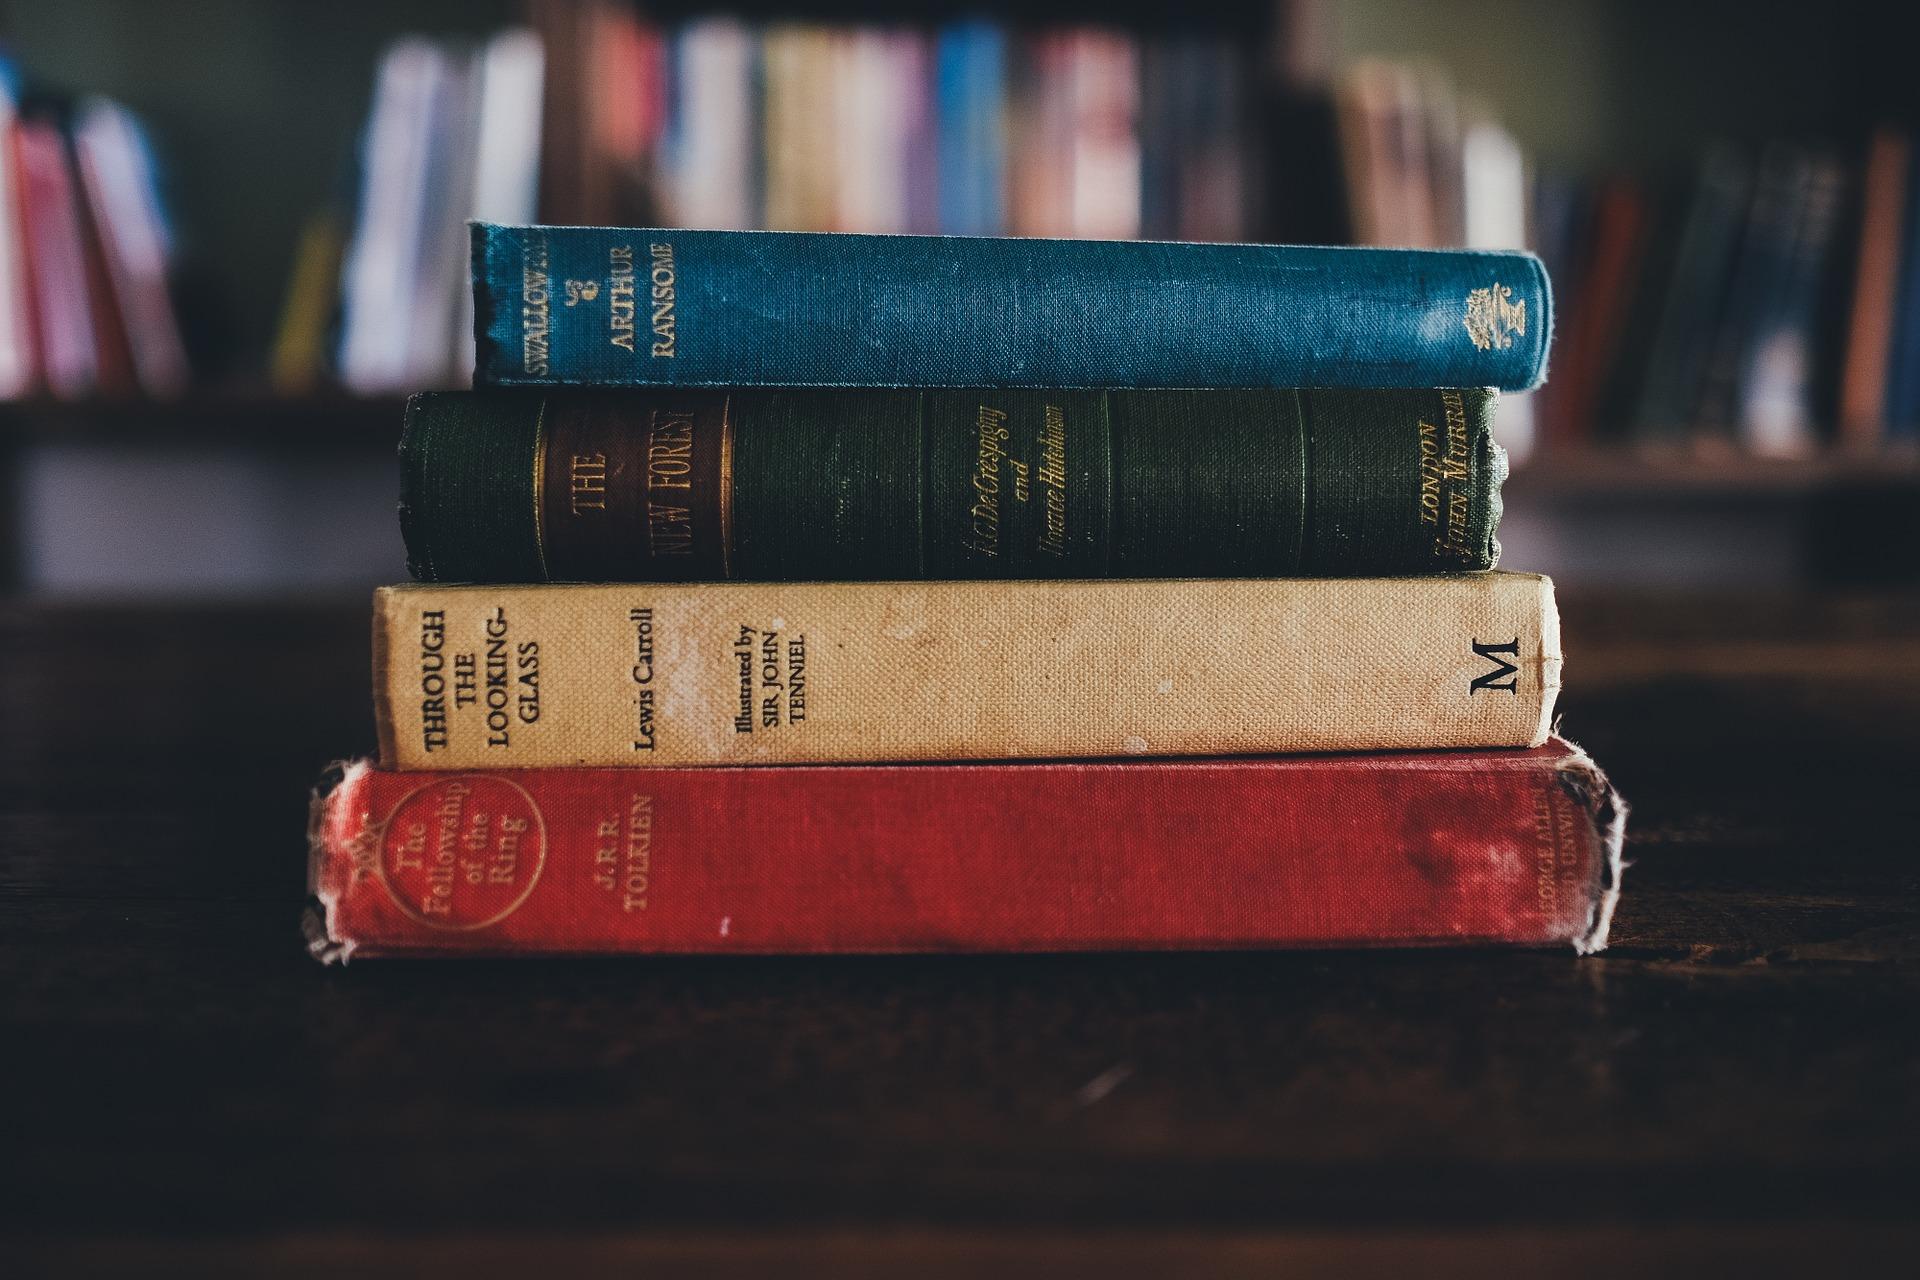 Pembajakan Buku sebagai Ancaman Literasi